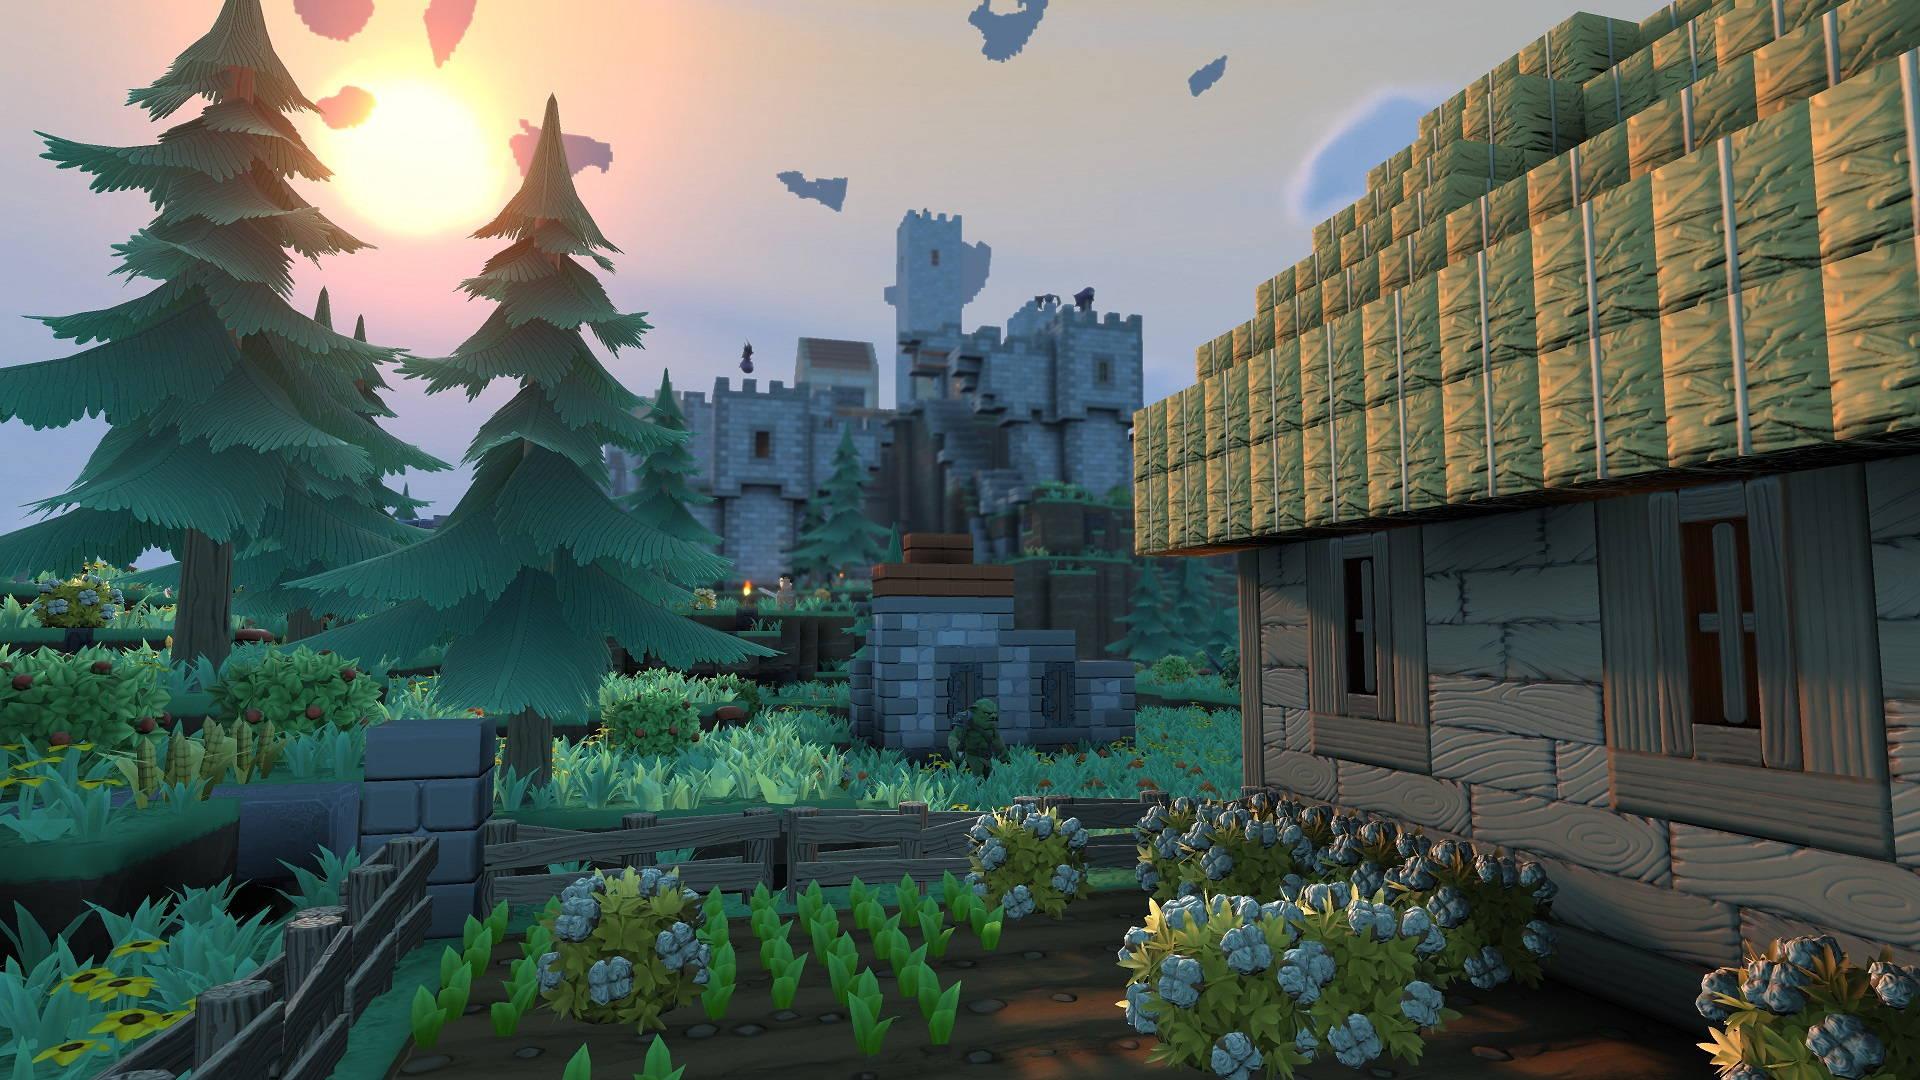 portalknights_aventurierupdateimages_0012